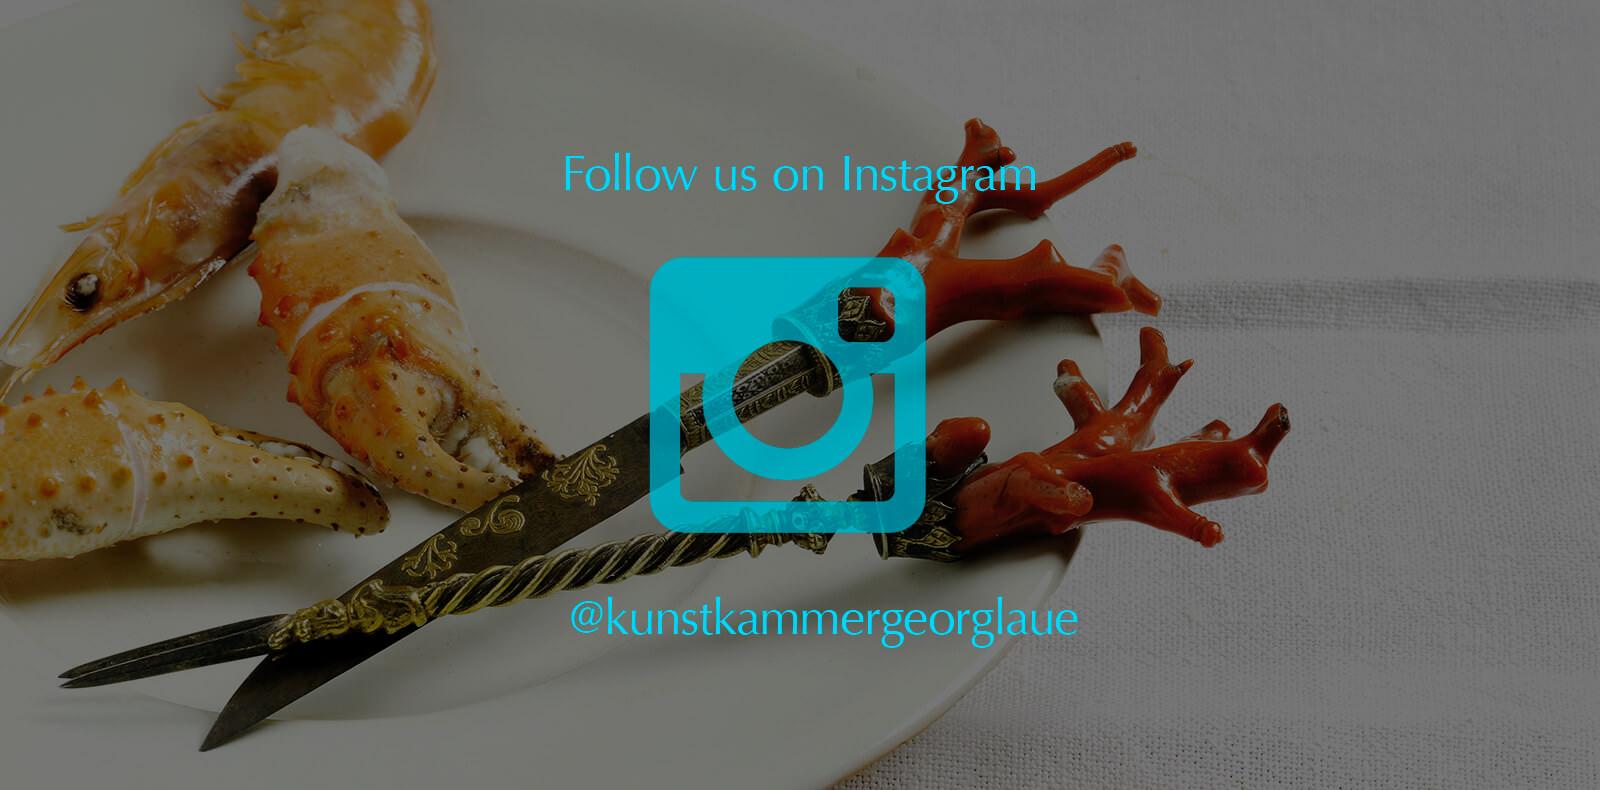 kunstkammer-georg-laue-on-instagram